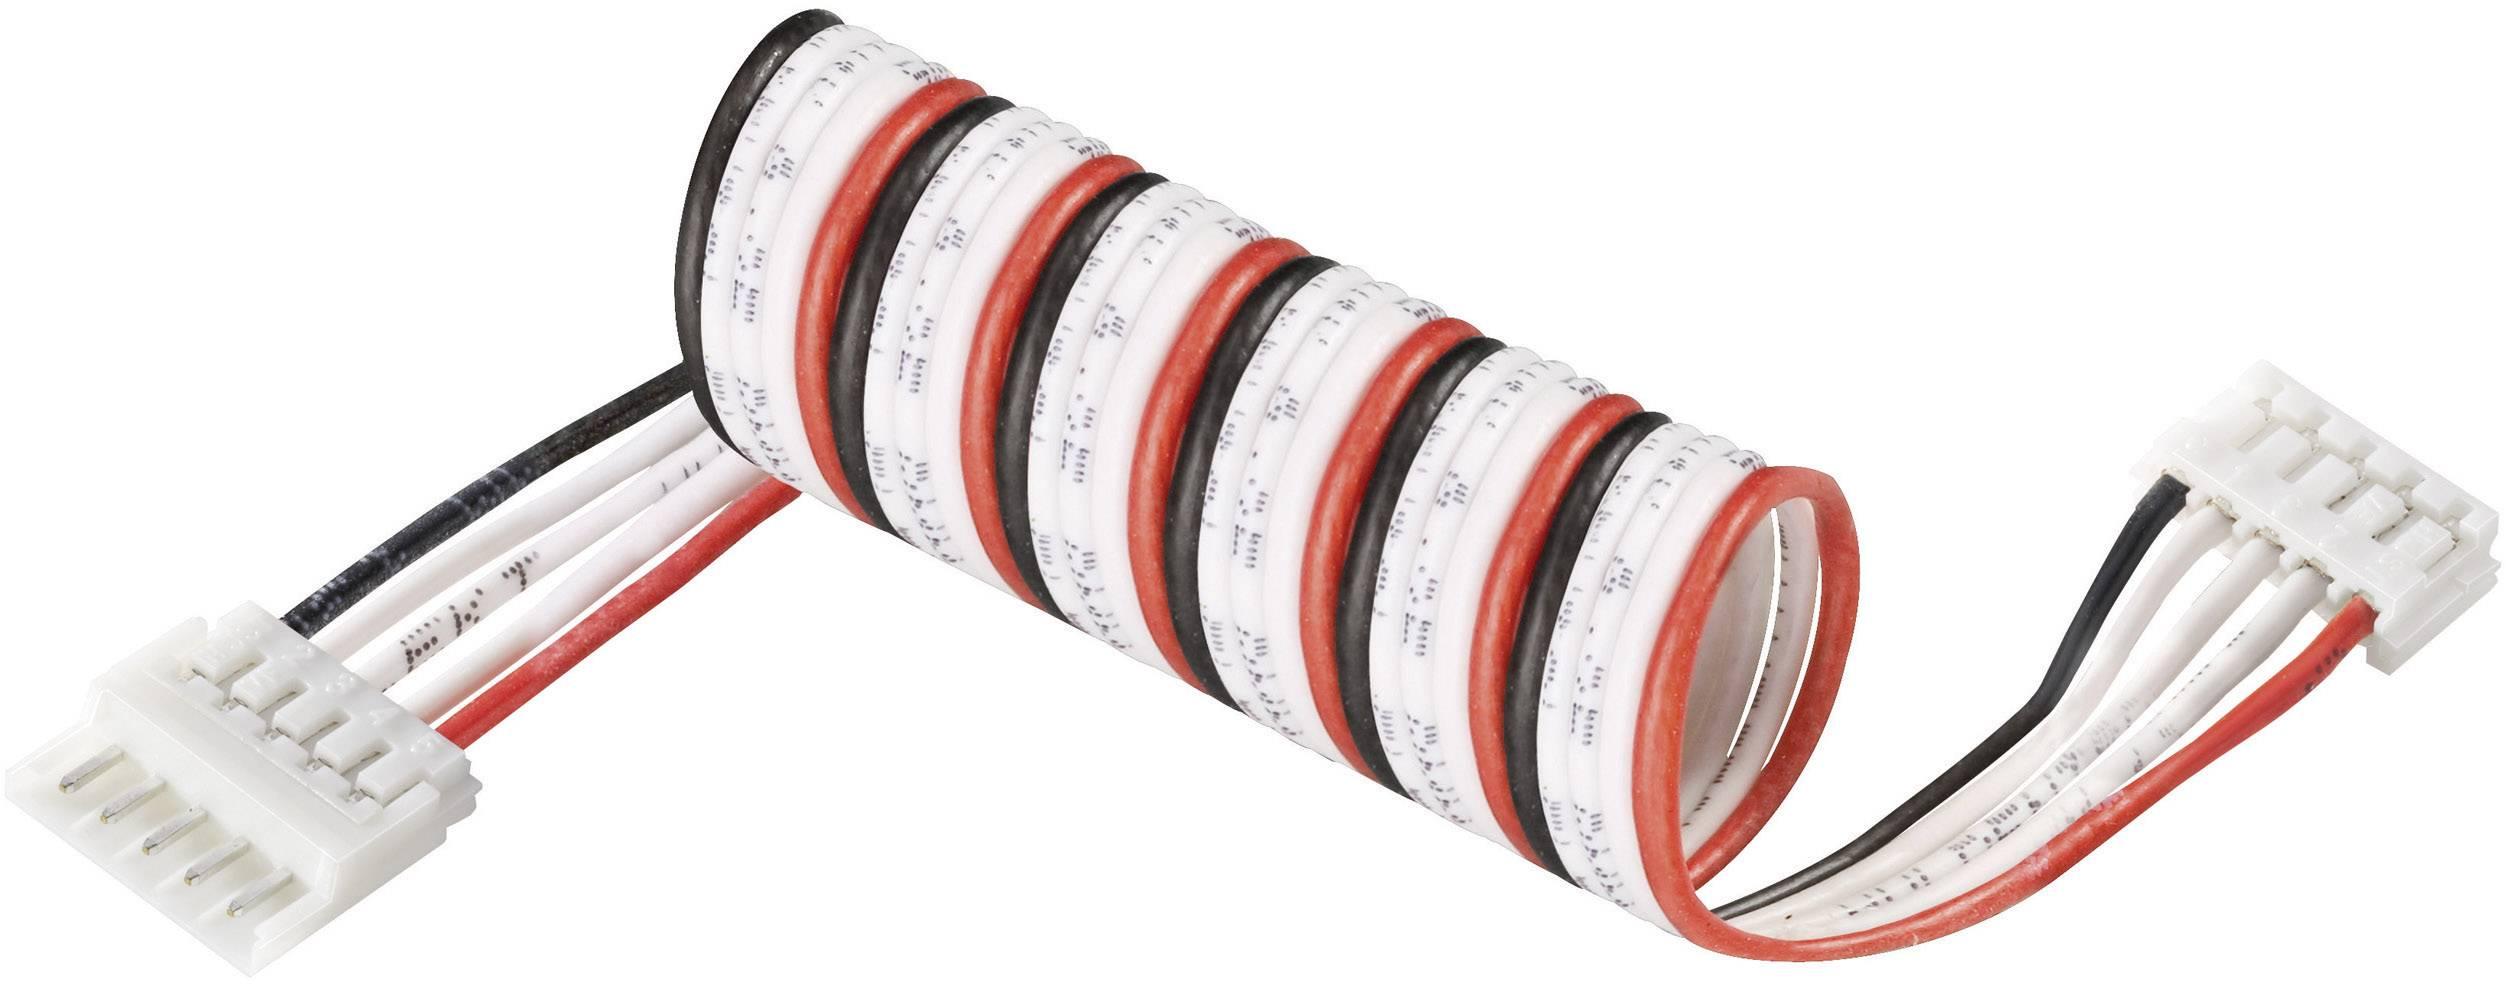 Prodlužovací kabel Li-Pol Modelcraft, EH/EH, 6 články